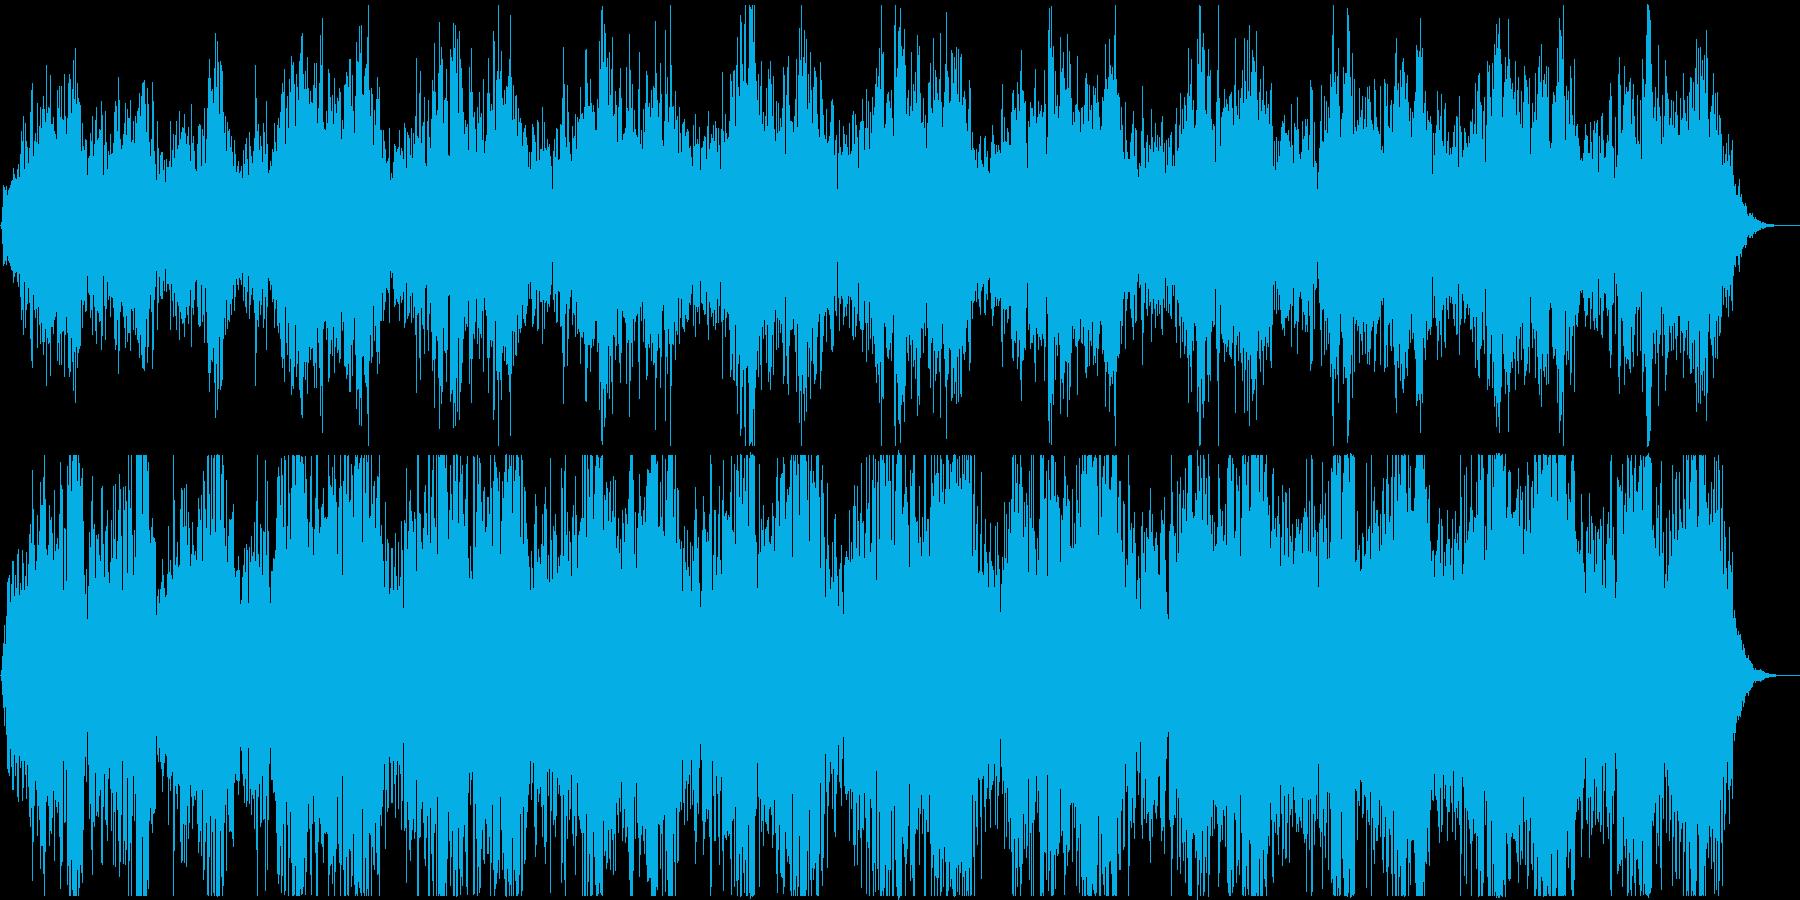 アジア風な打楽器+男性の声の再生済みの波形